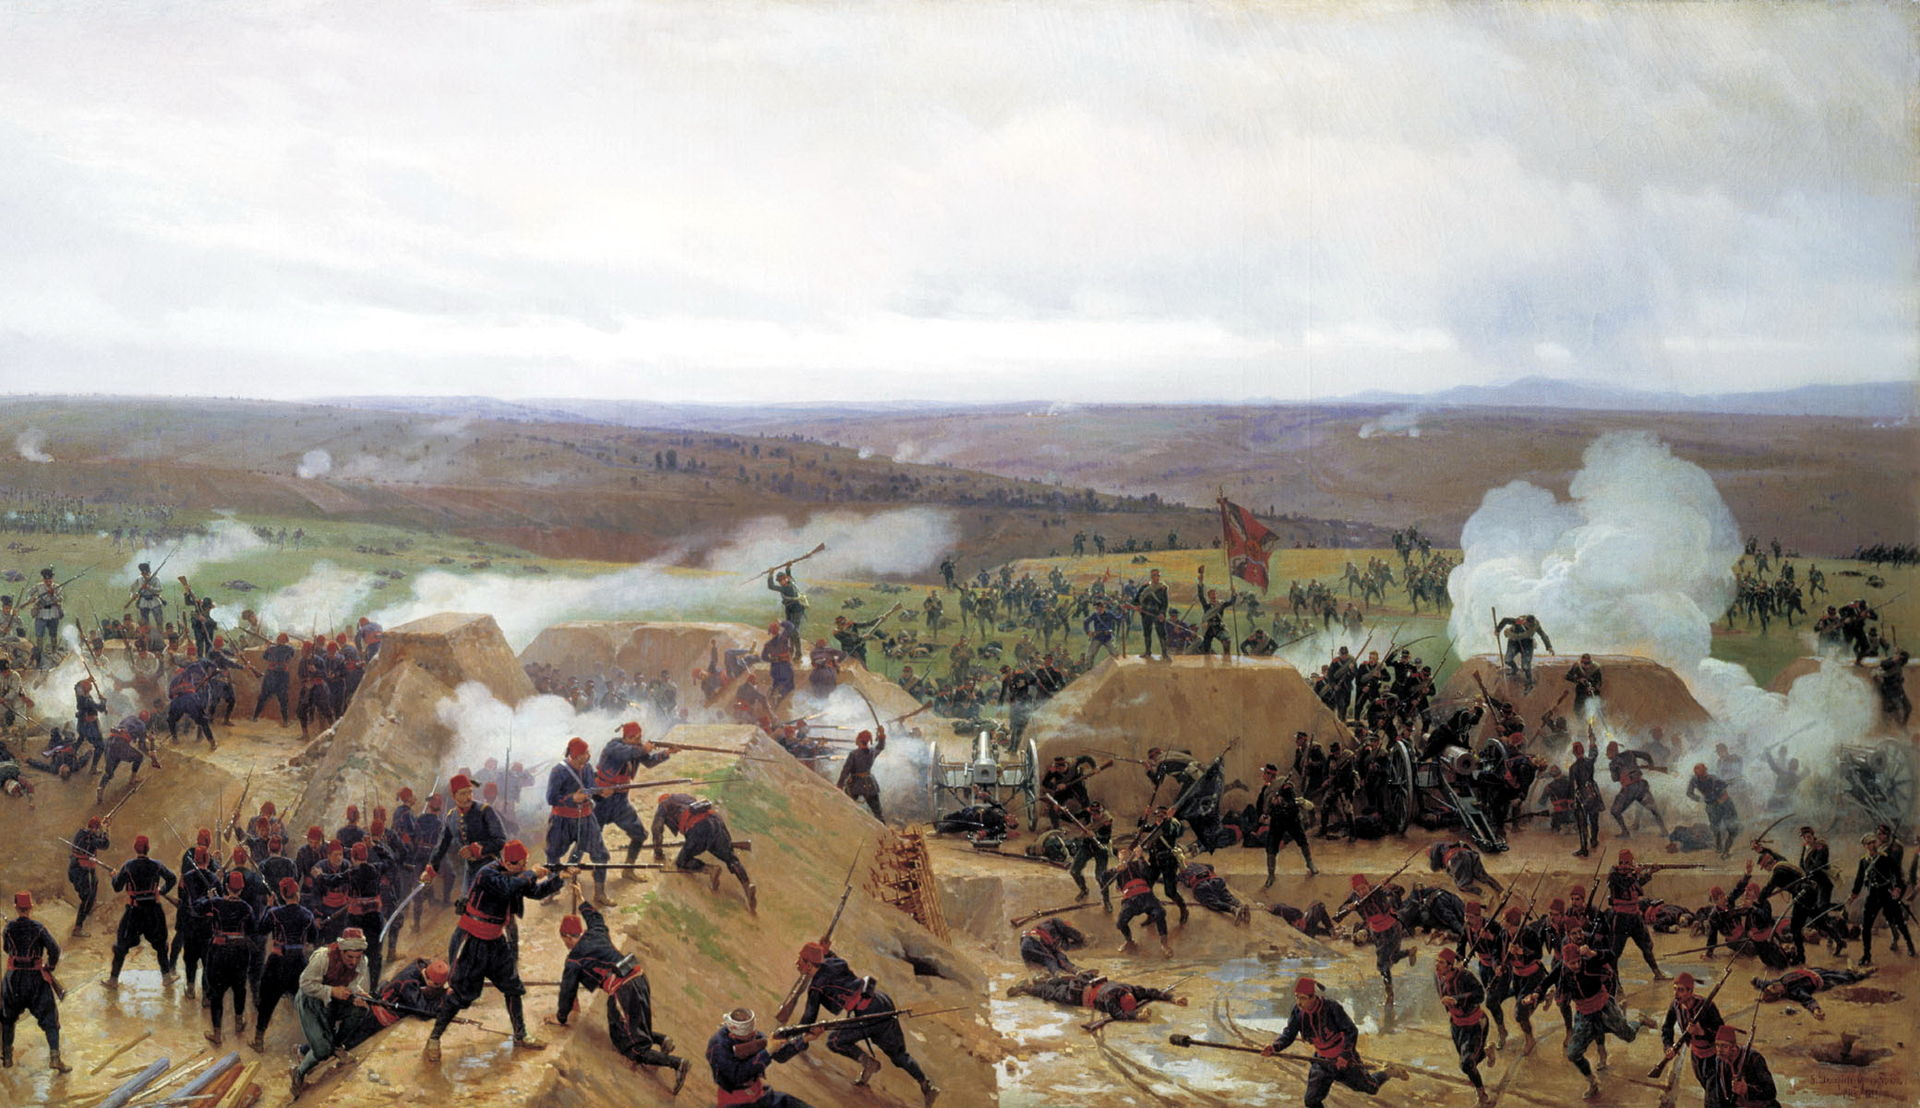 Николай Дмитриев-Оренбургский. «Захват Гривицкого редута под Плевной» (1885)